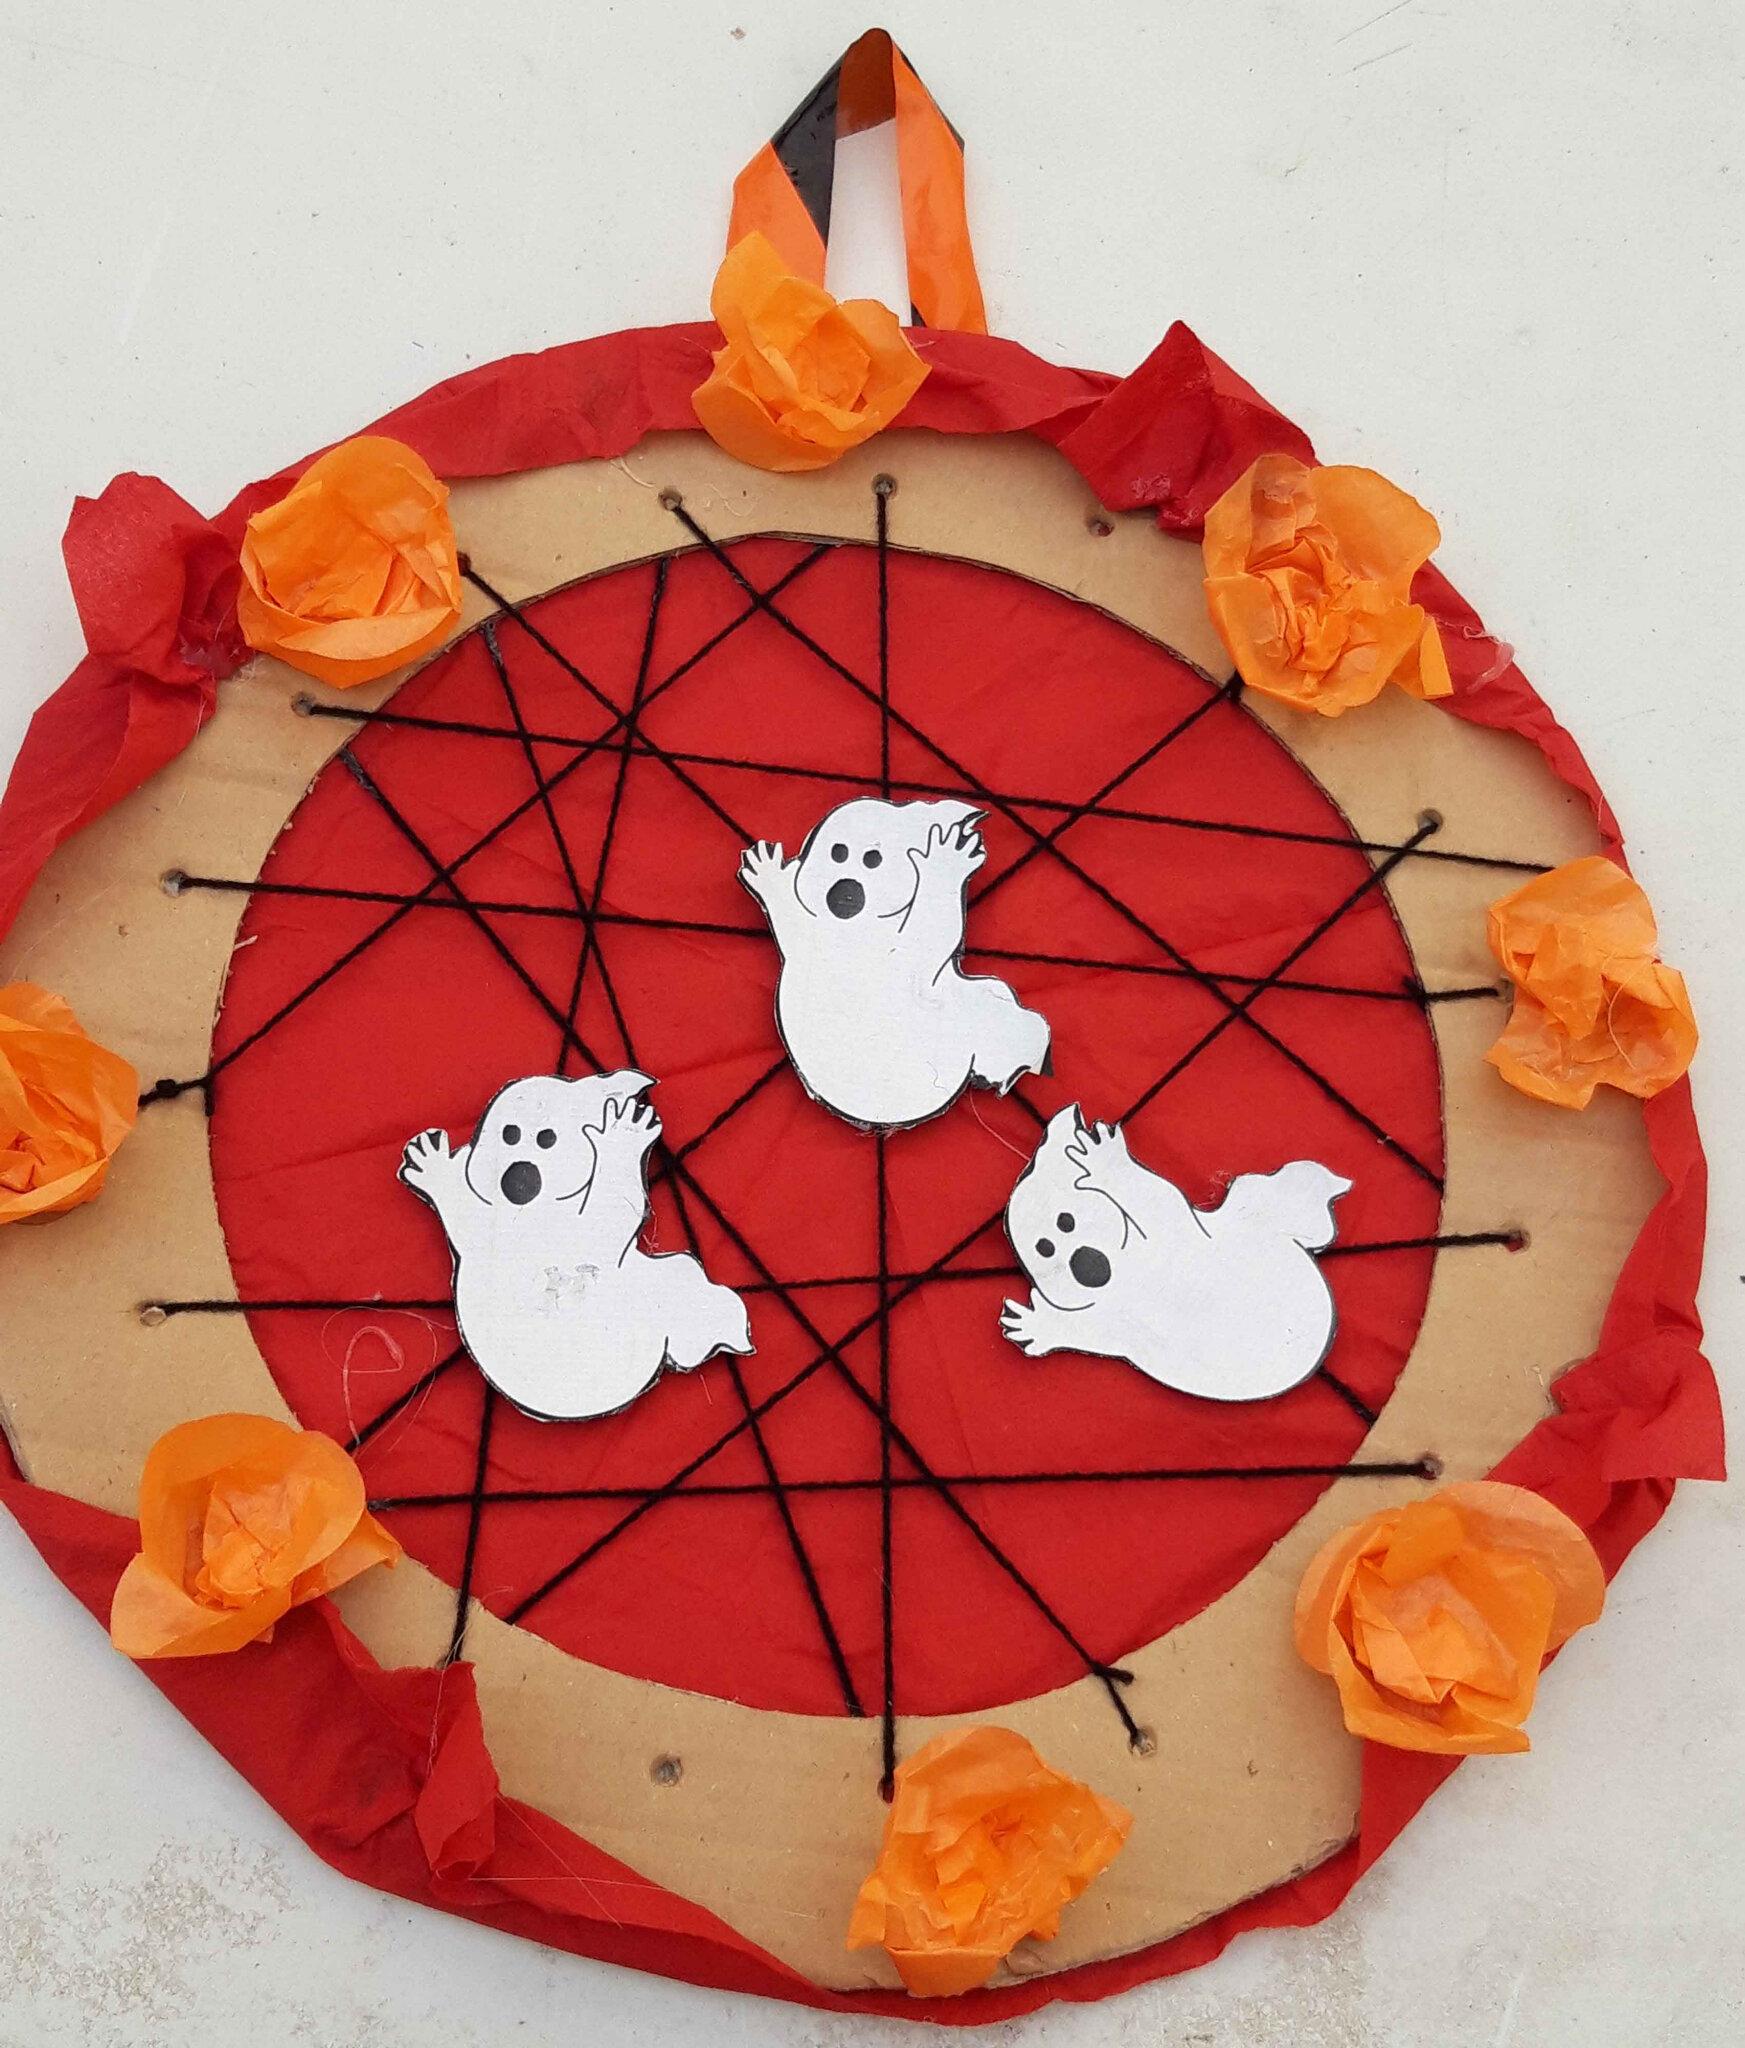 Animation Halloween - Déco Branchée 20-10-2018 Marignane Culture 3 - Ghislaine Letourneur